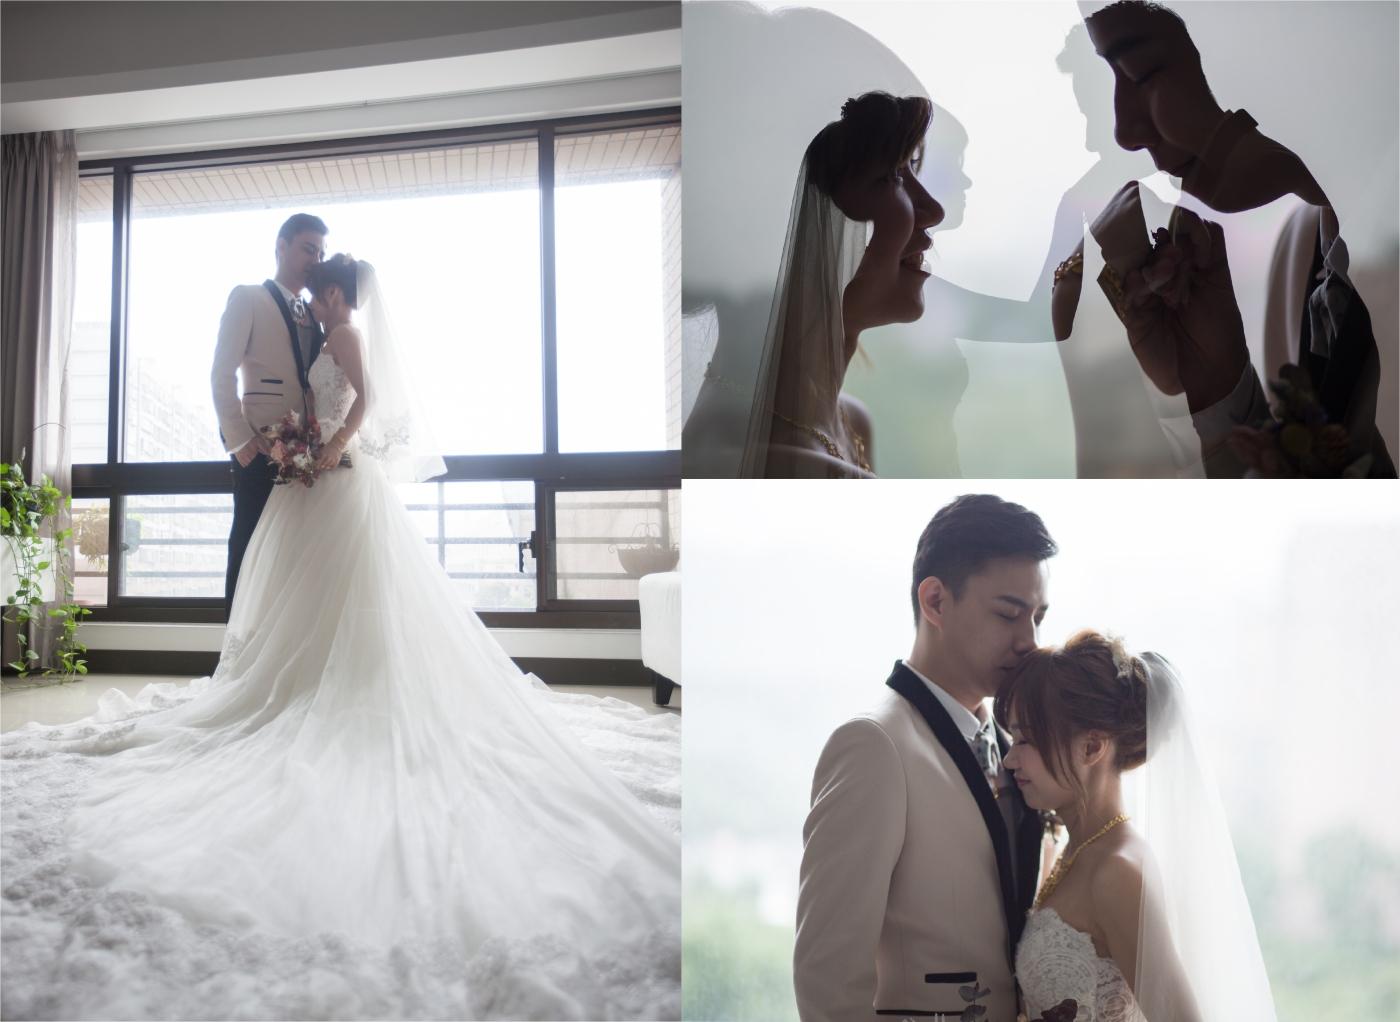 台中婚錄推薦|七囍stuidio|台北新秘推薦|雨晴新娘秘書|新秘雨晴的婚禮